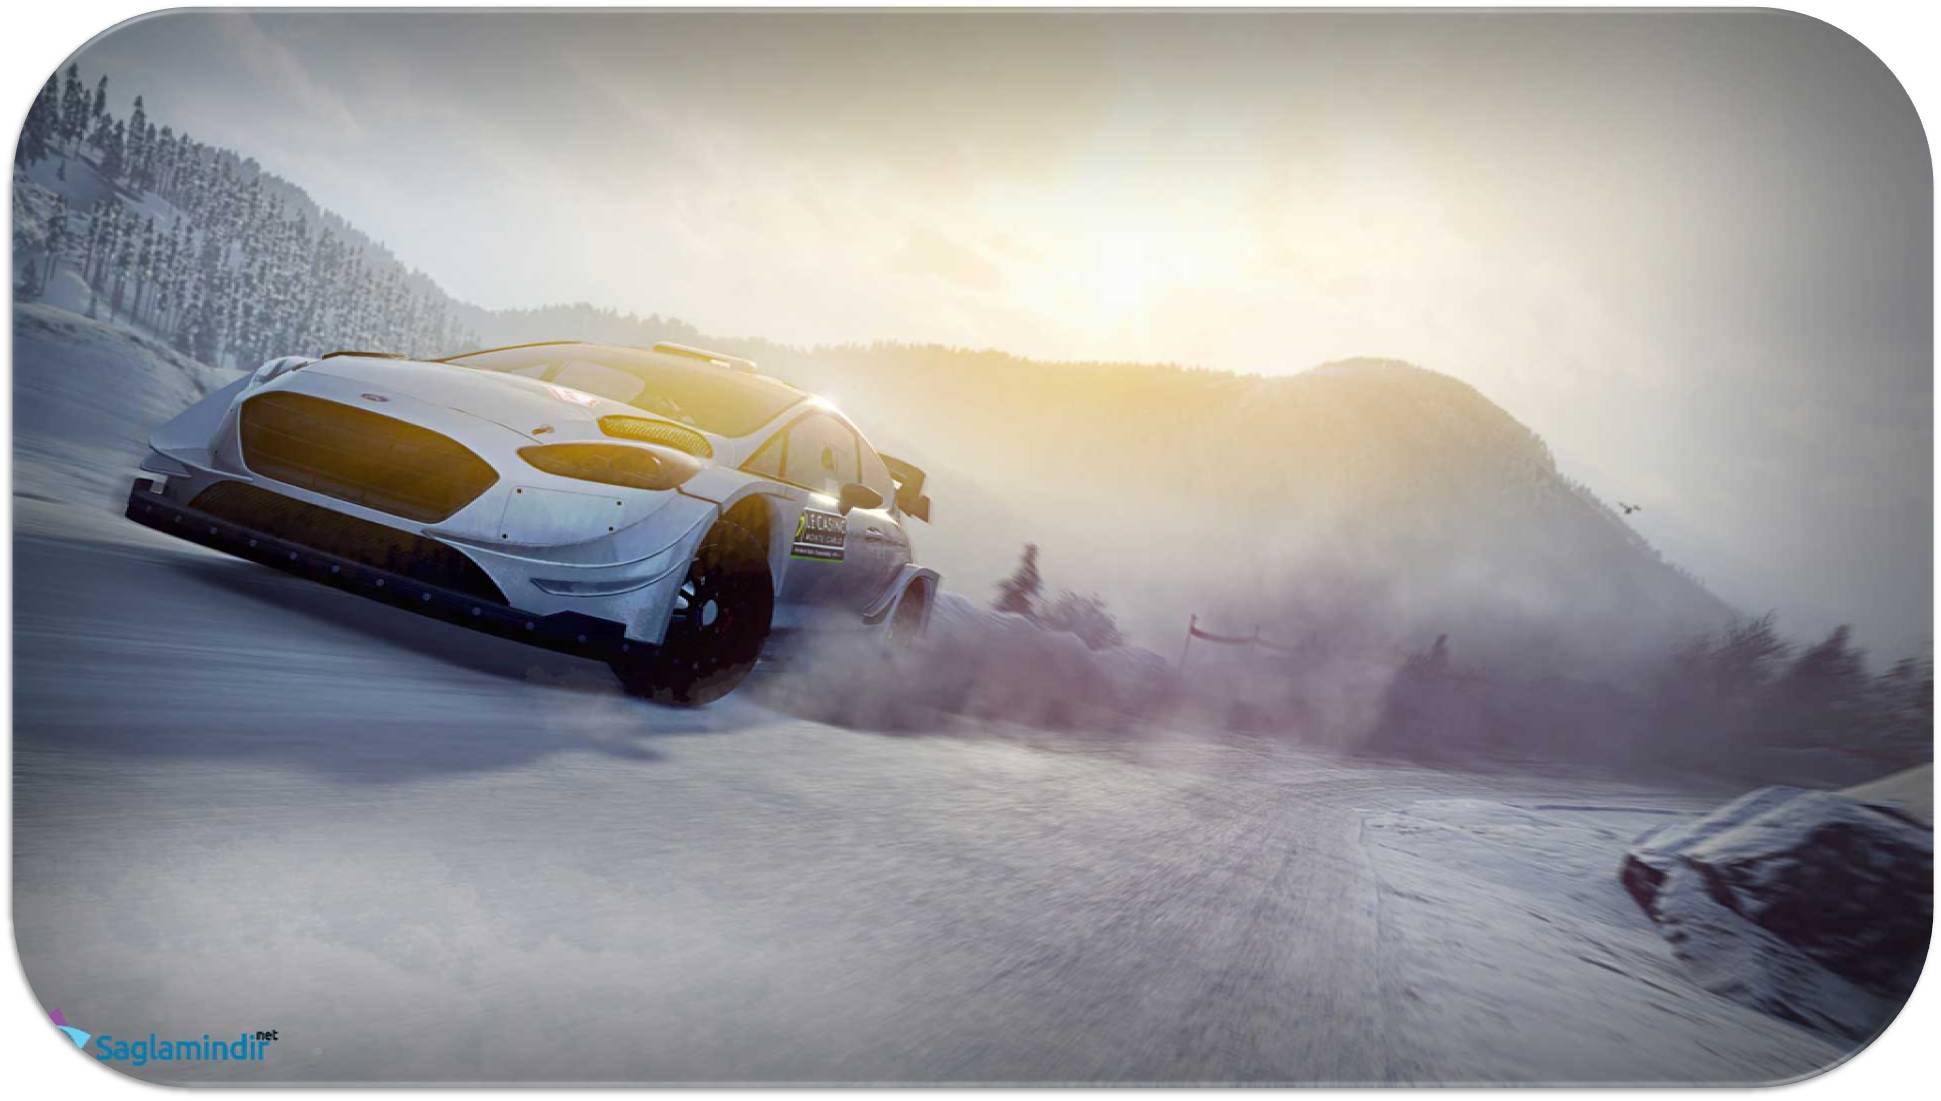 WRC 8 FIA World Rally Championship saglamindir